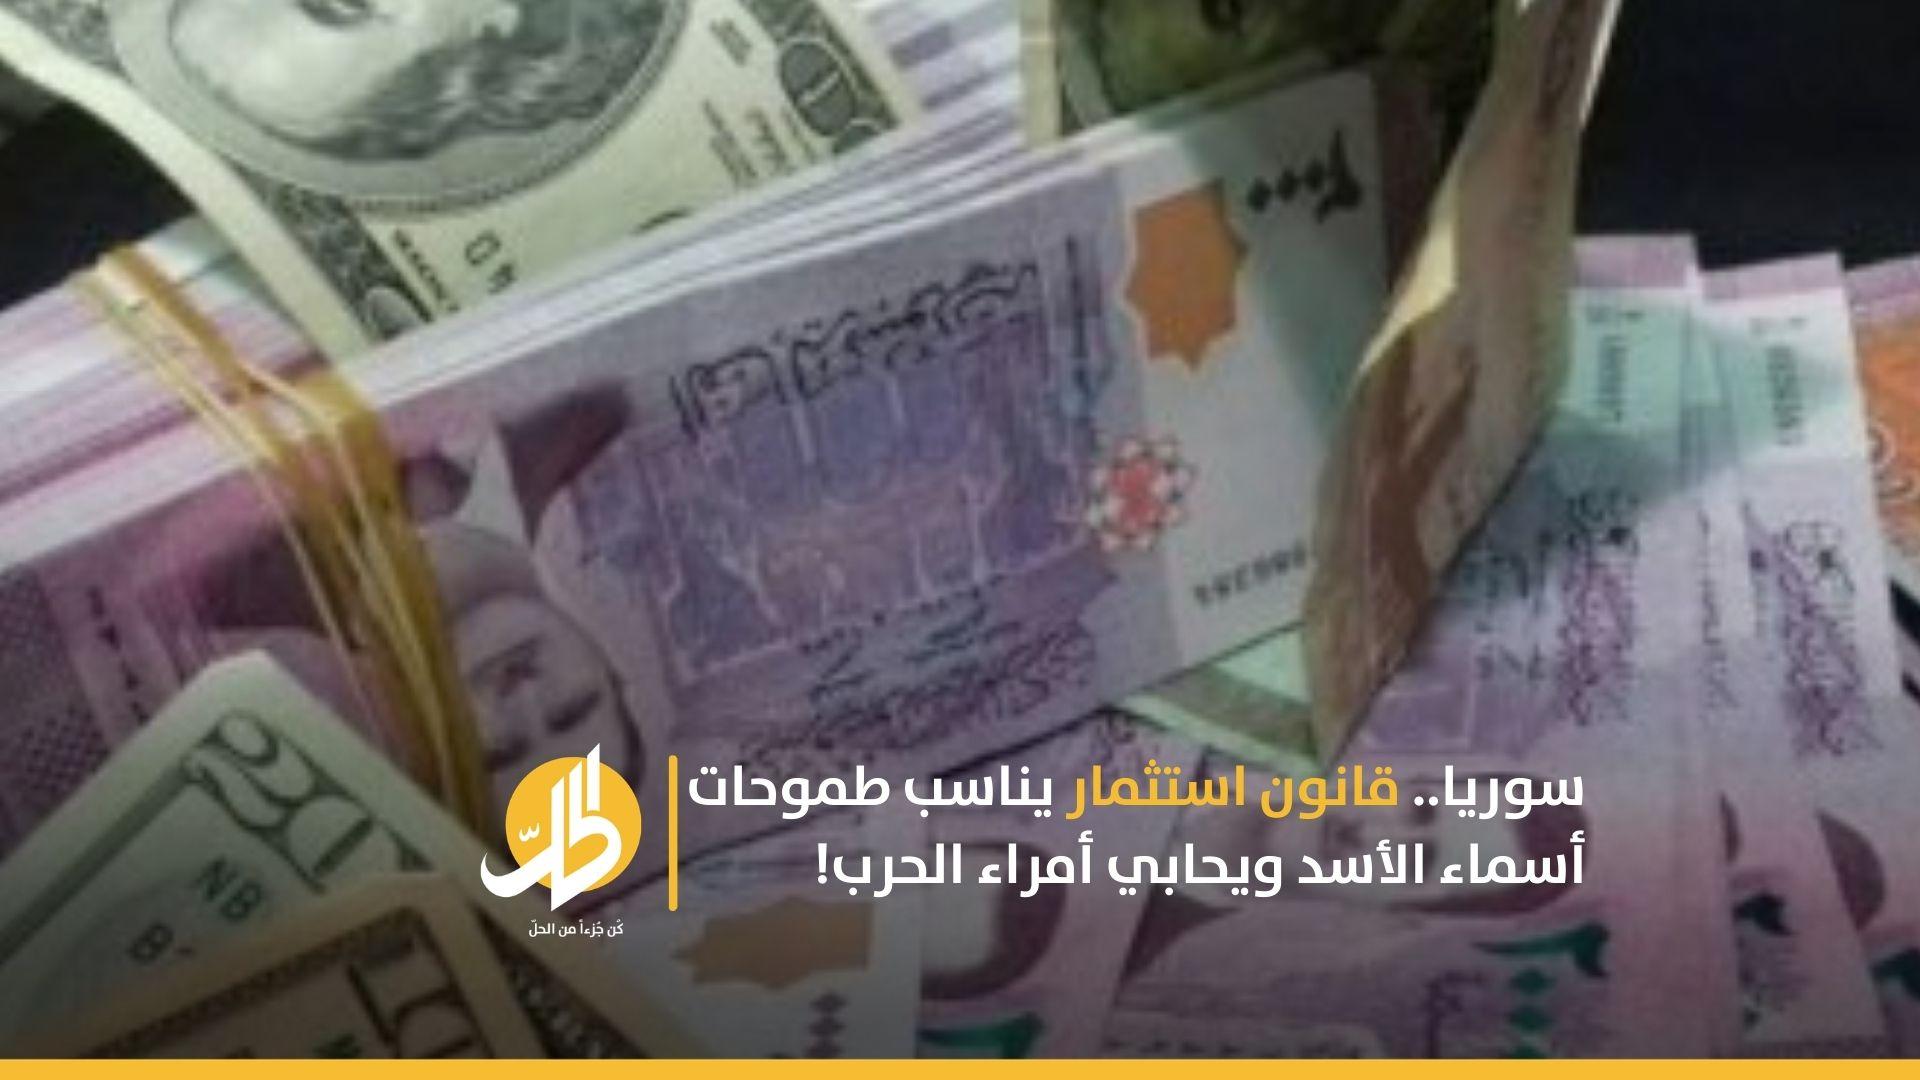 سوريا.. قانون استثمار يناسب طموحات أسماء الأسد ويحابي أمراء الحرب!